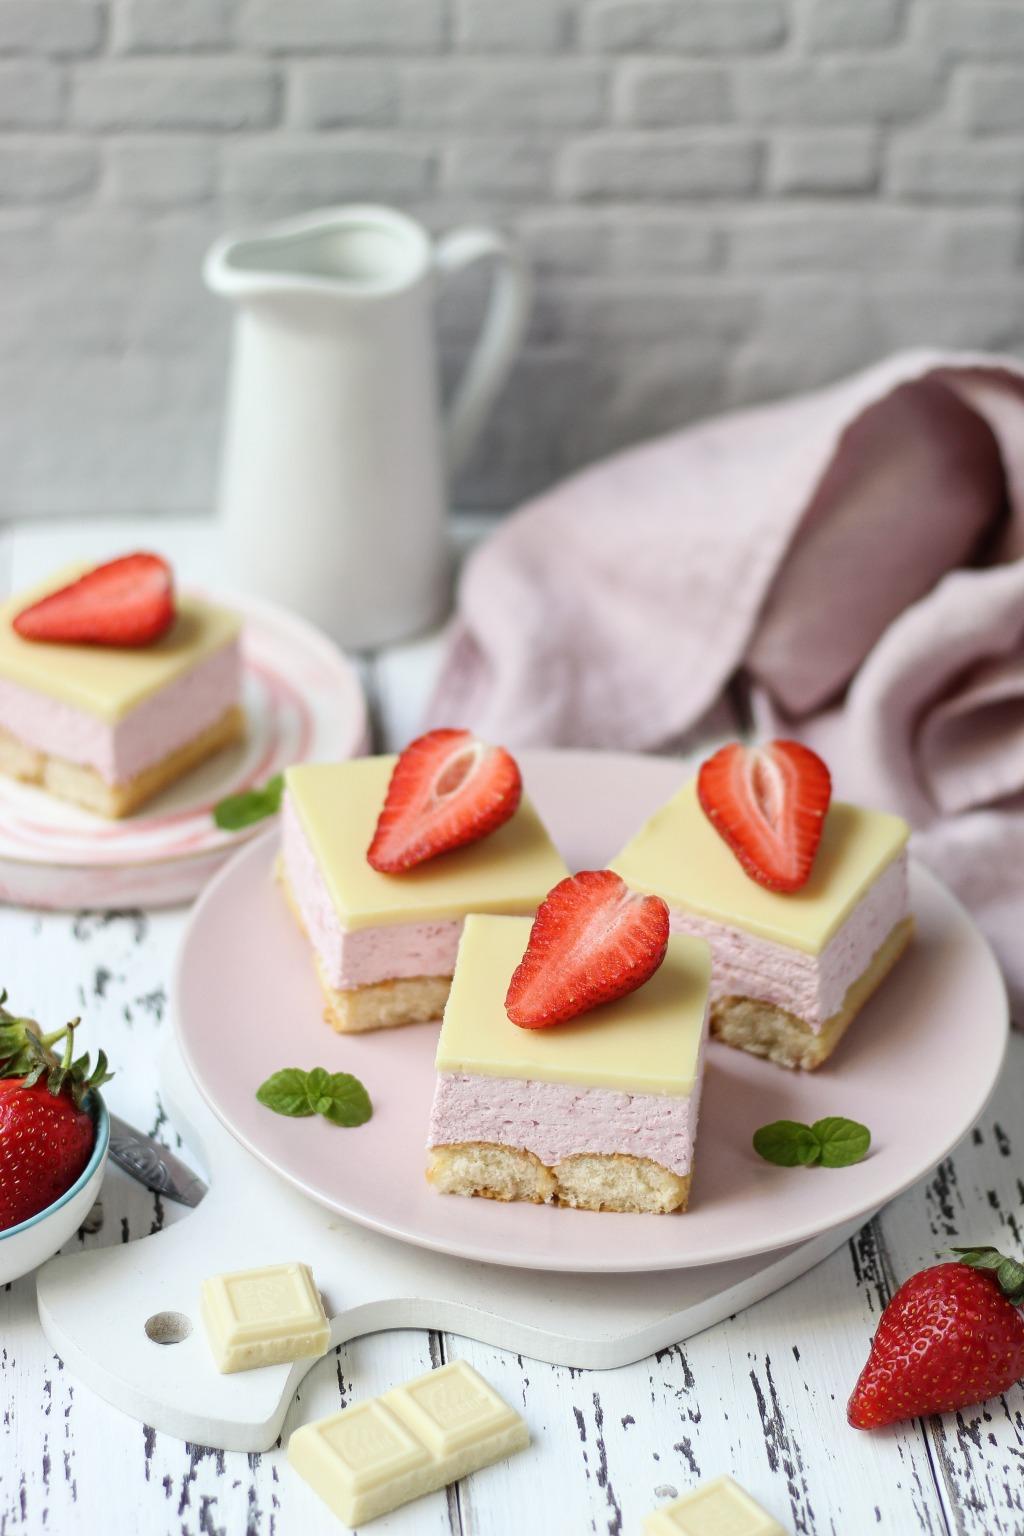 Brzi kolač sa jagodama i piškotama 1